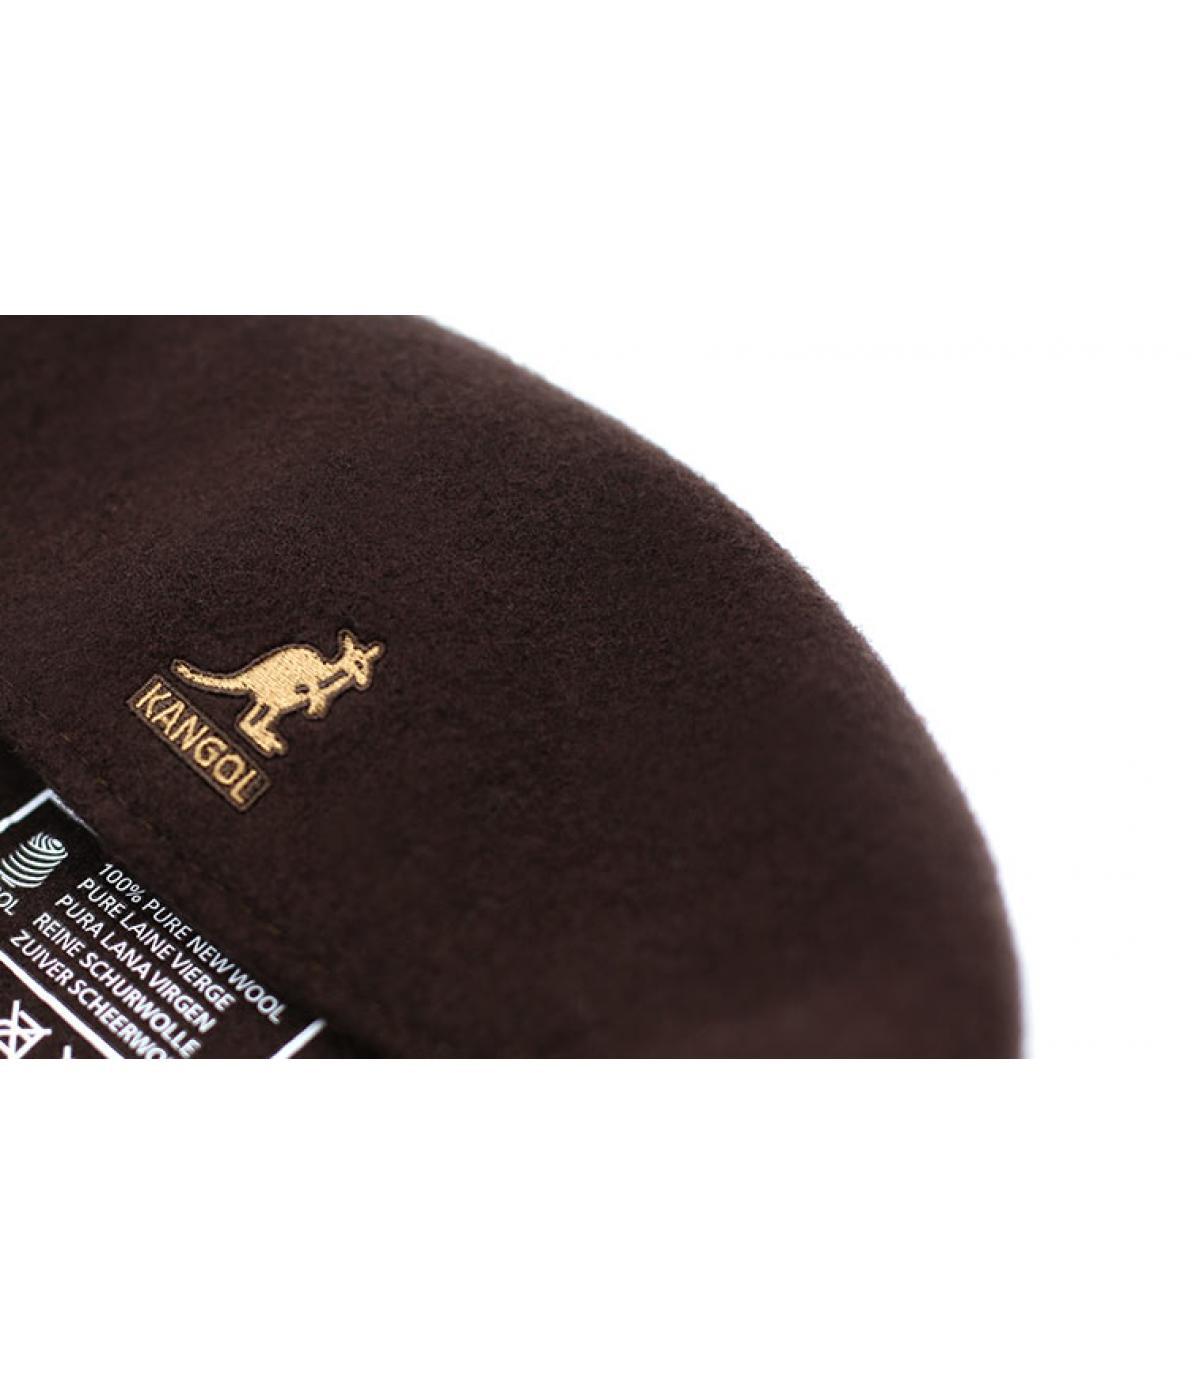 Détails 504 Wool tobacco - image 3